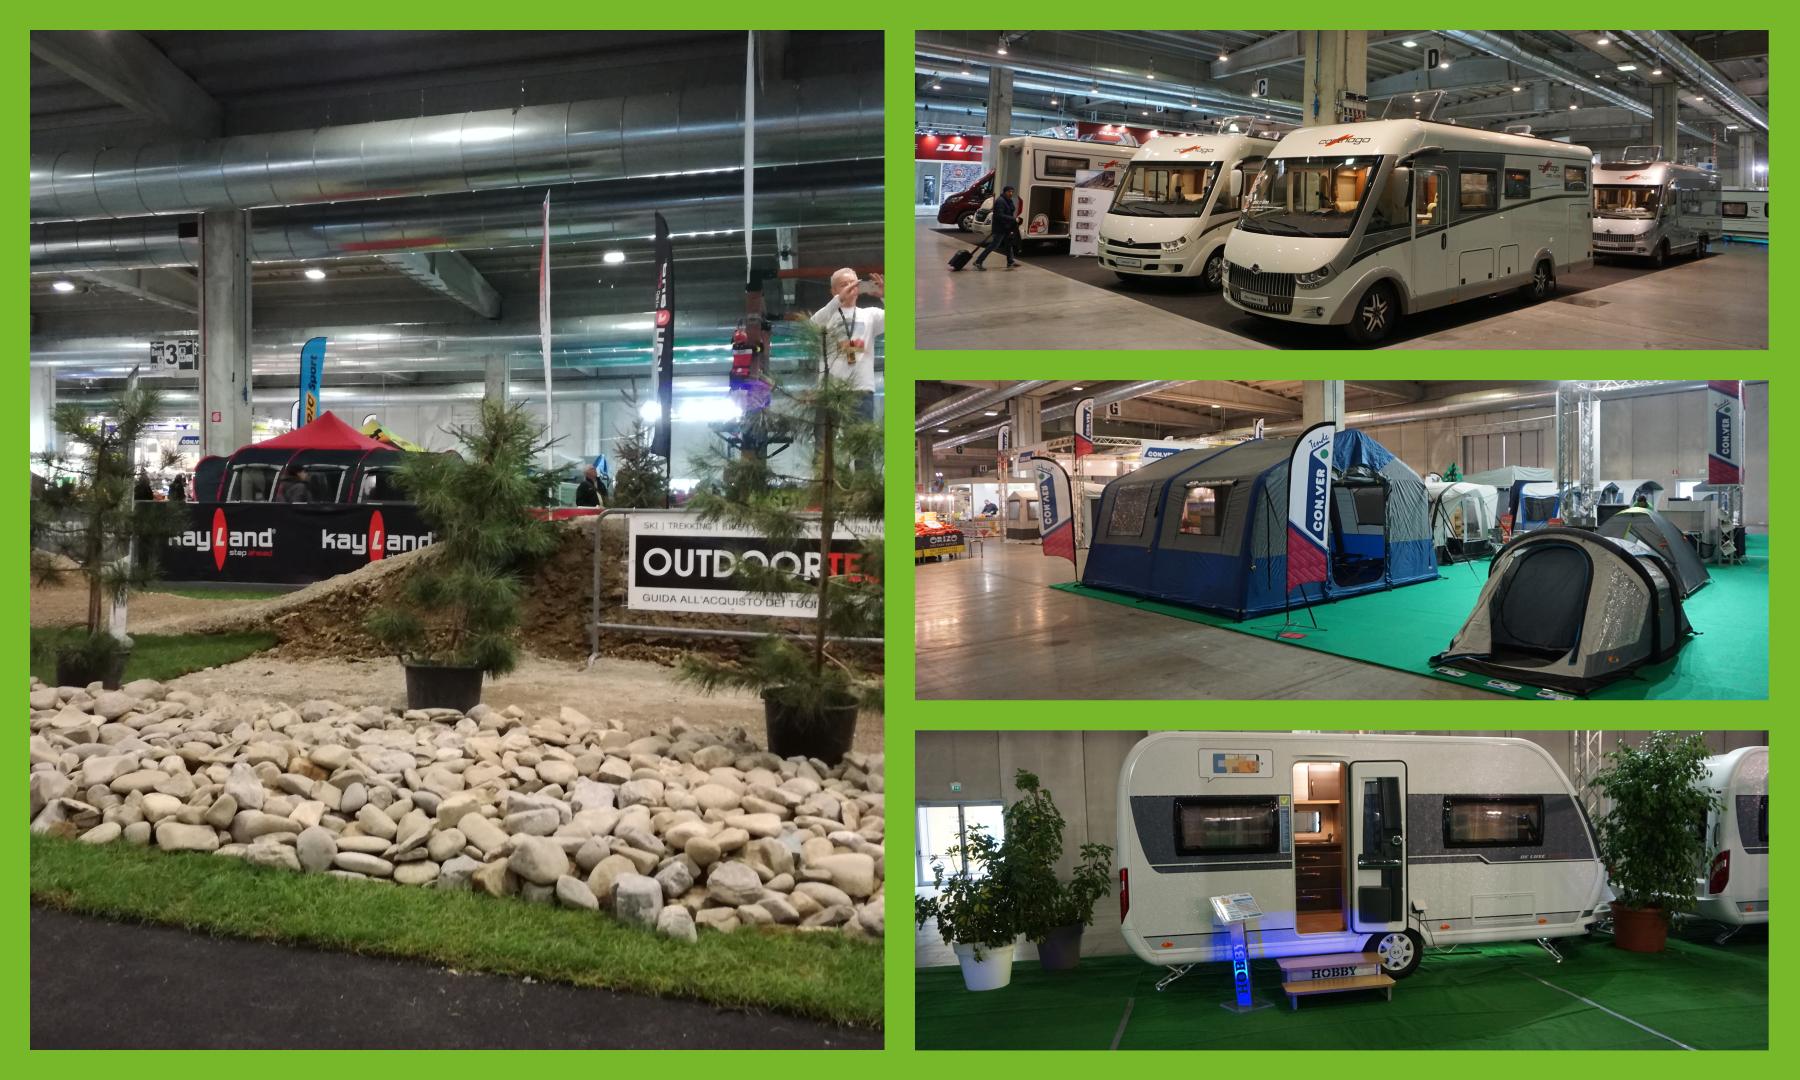 Turismo & Outdoor Festival, Parma: conclusioni